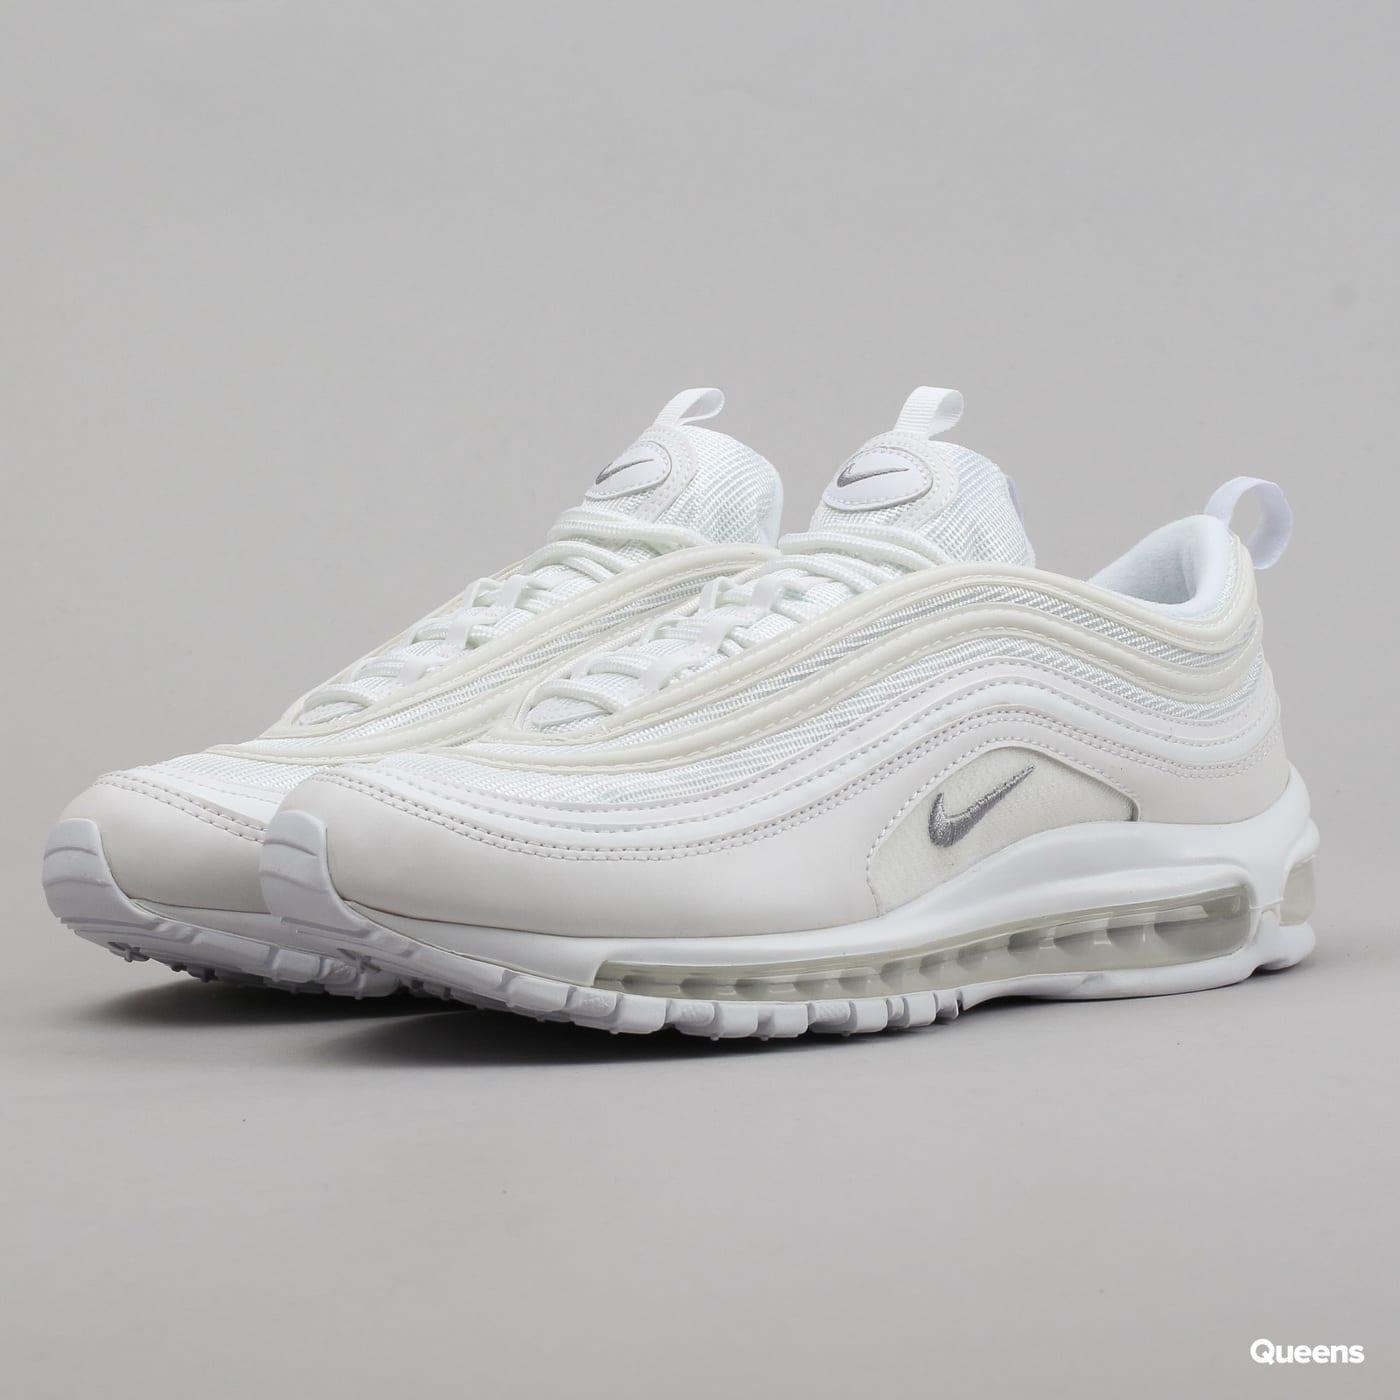 6112c60a732 Boty Nike Air Max 97 (921826-101) – Queens 💚